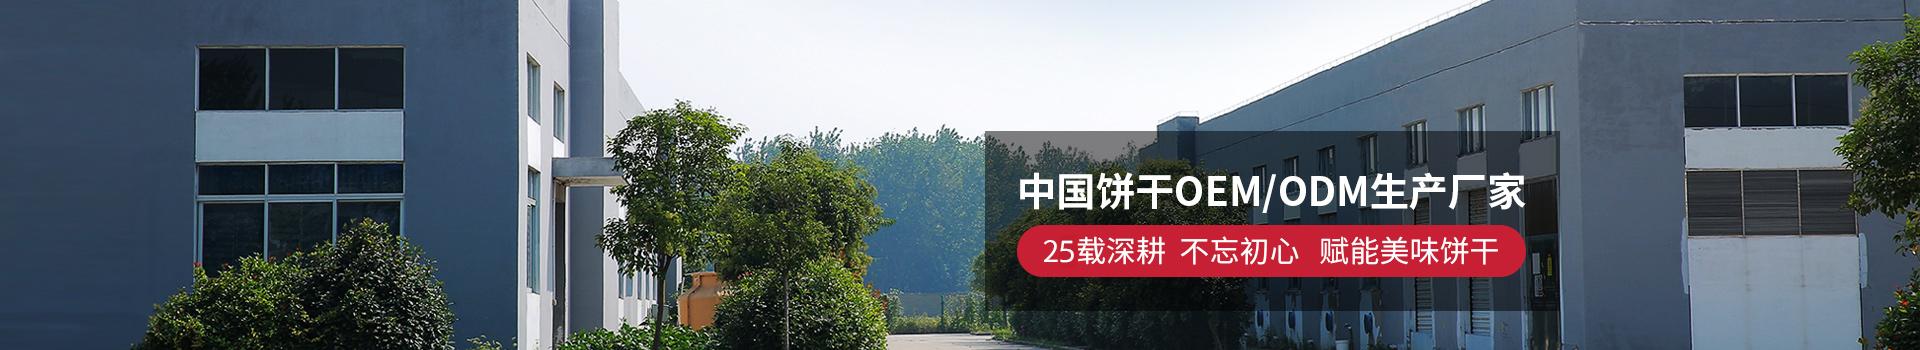 中国饼干OEM/ODM生产厂家-趣园食品